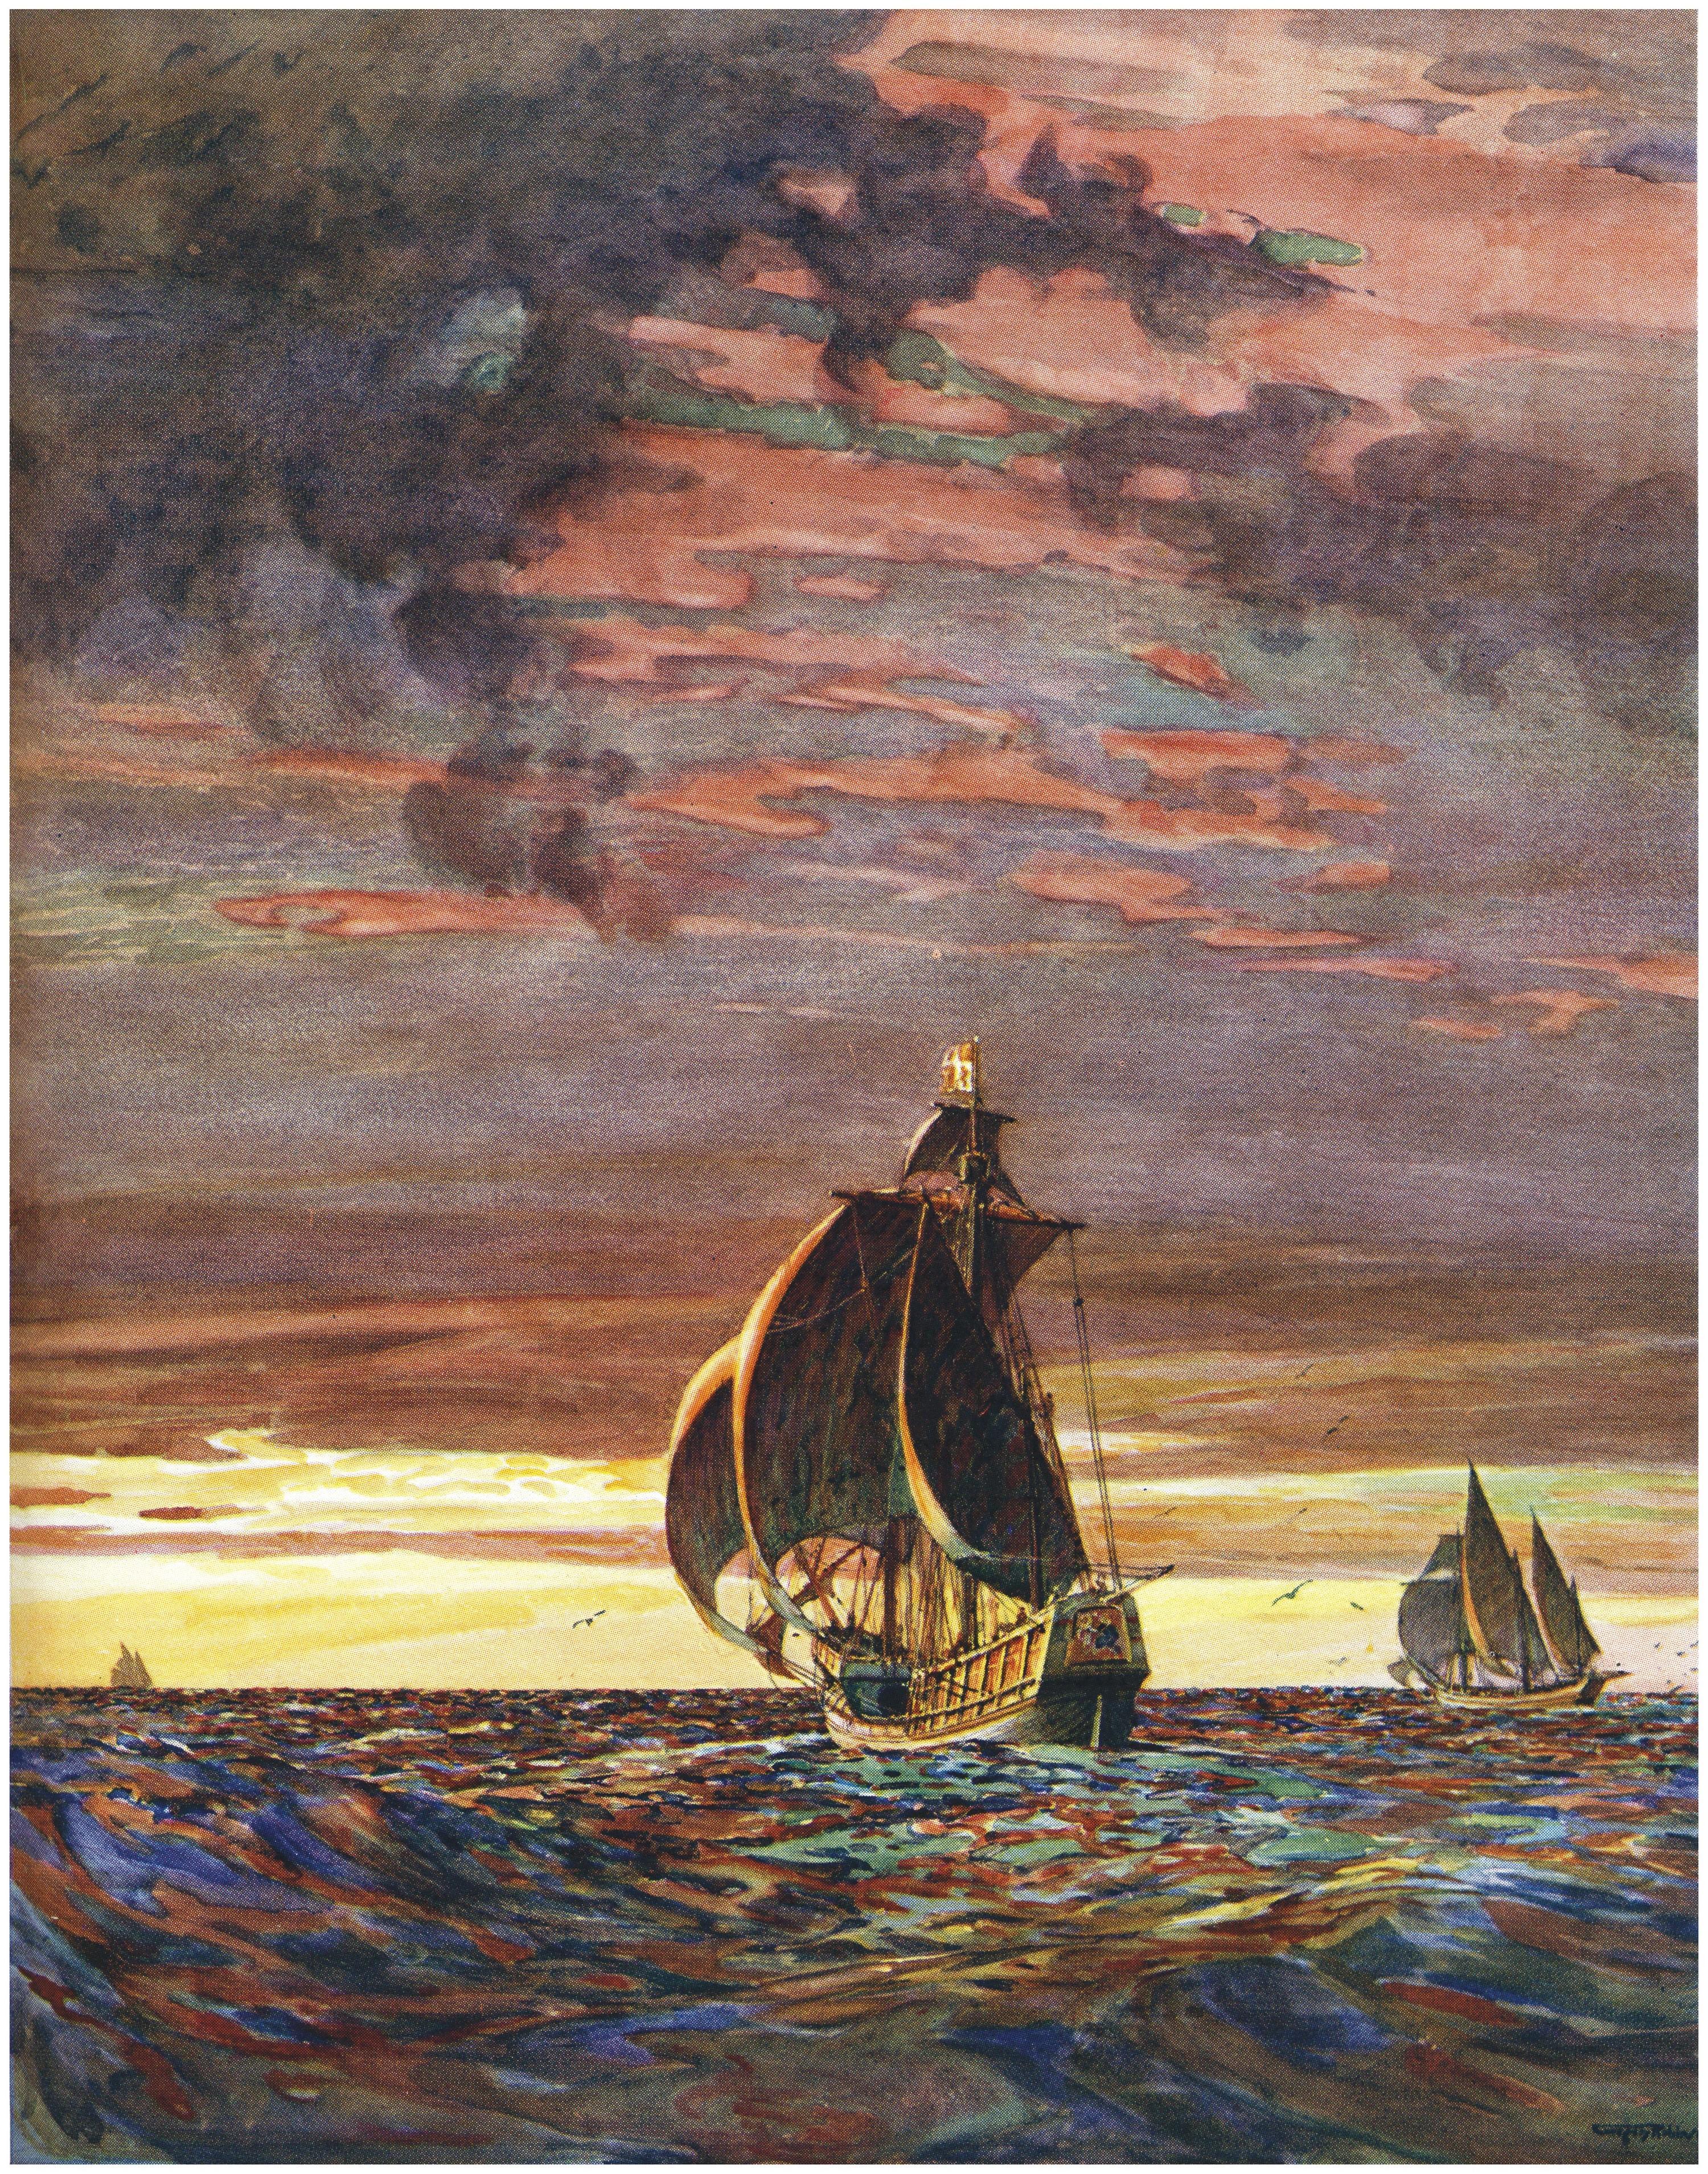 La Santa Maria en 1492, 1936, lithographie couleur (collection privée).